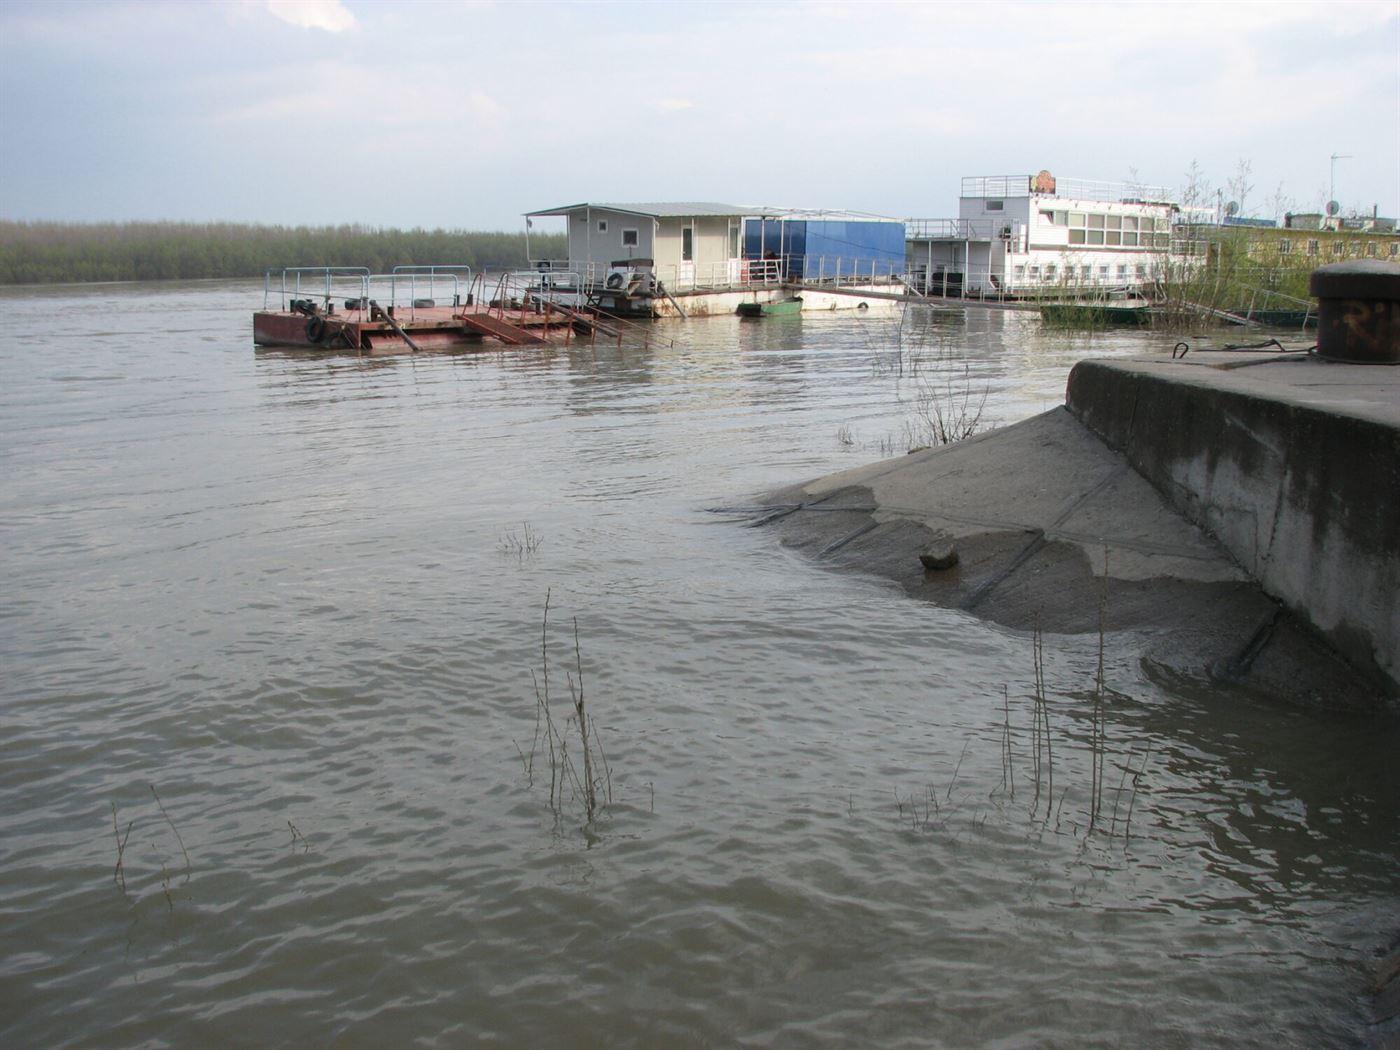 Codul Galben de inundatii pe Dunare, prelungit pana pe 30 aprilie